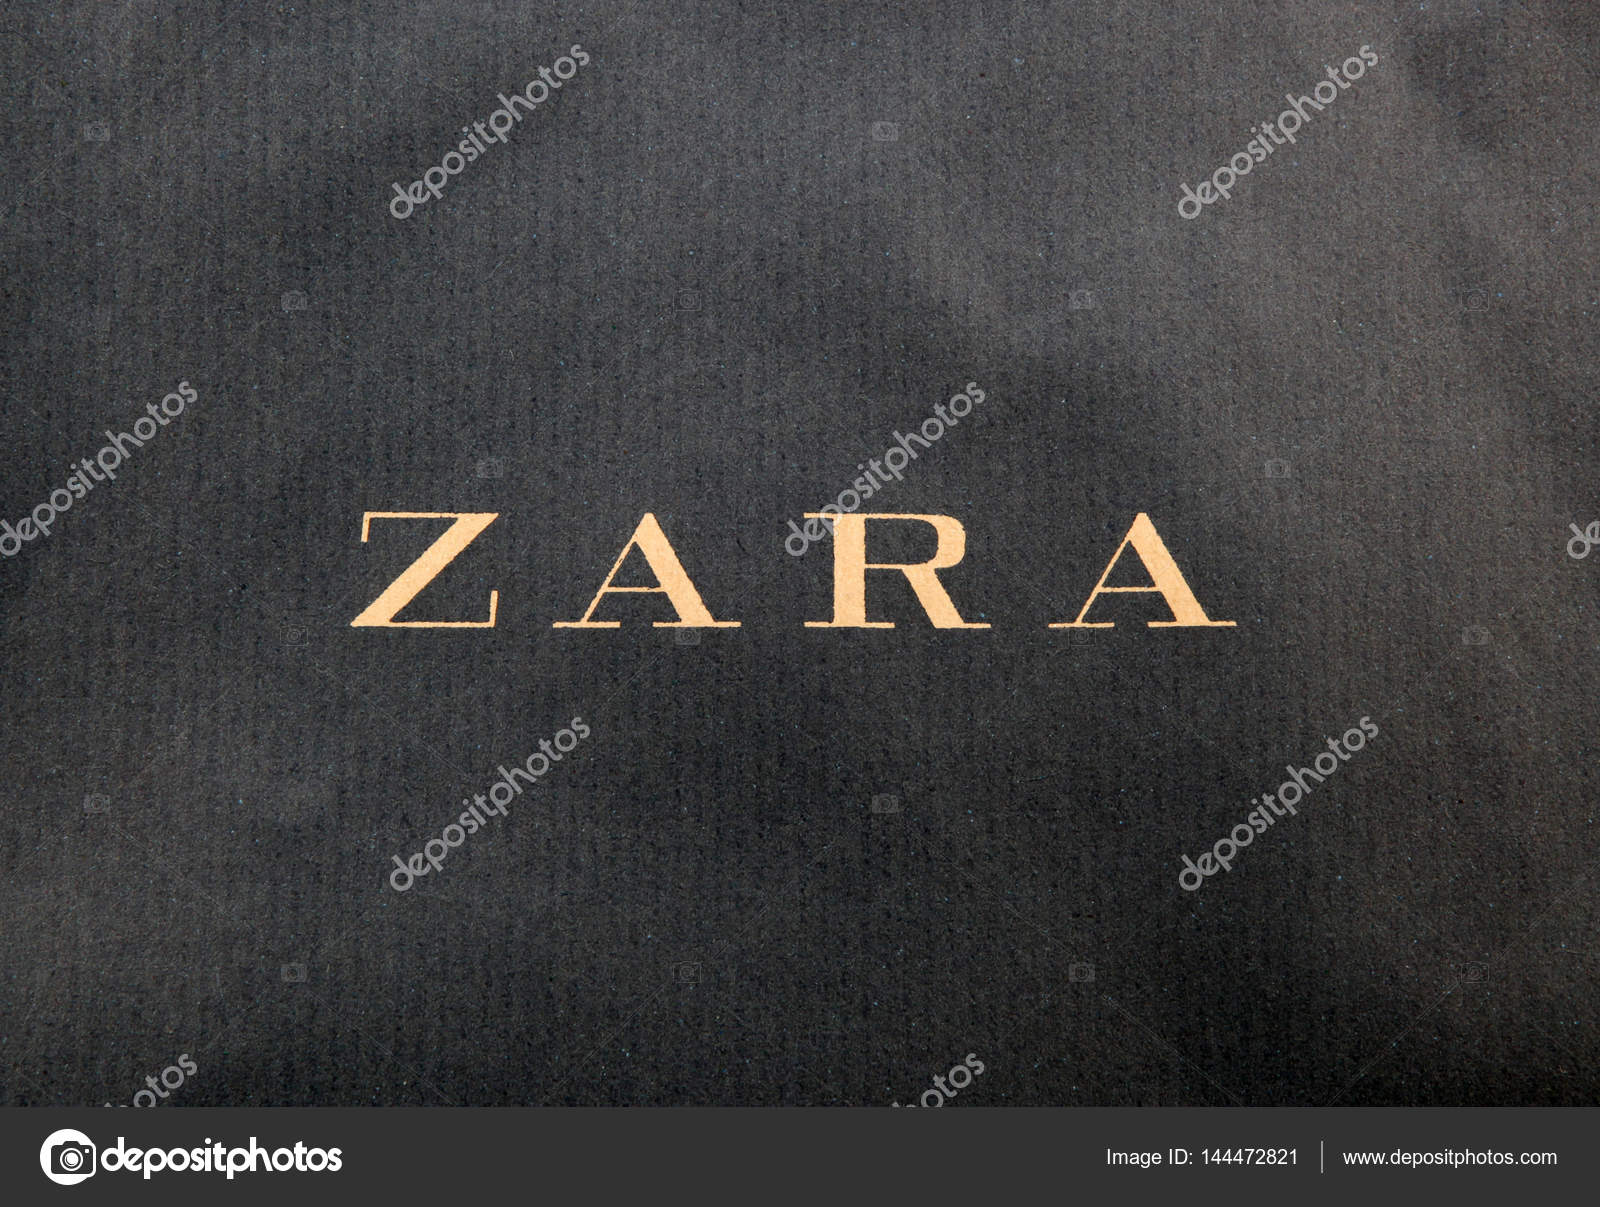 f346dd919 Zara é um varejista de roupas e acessórios espanhol baseado em Arteixo